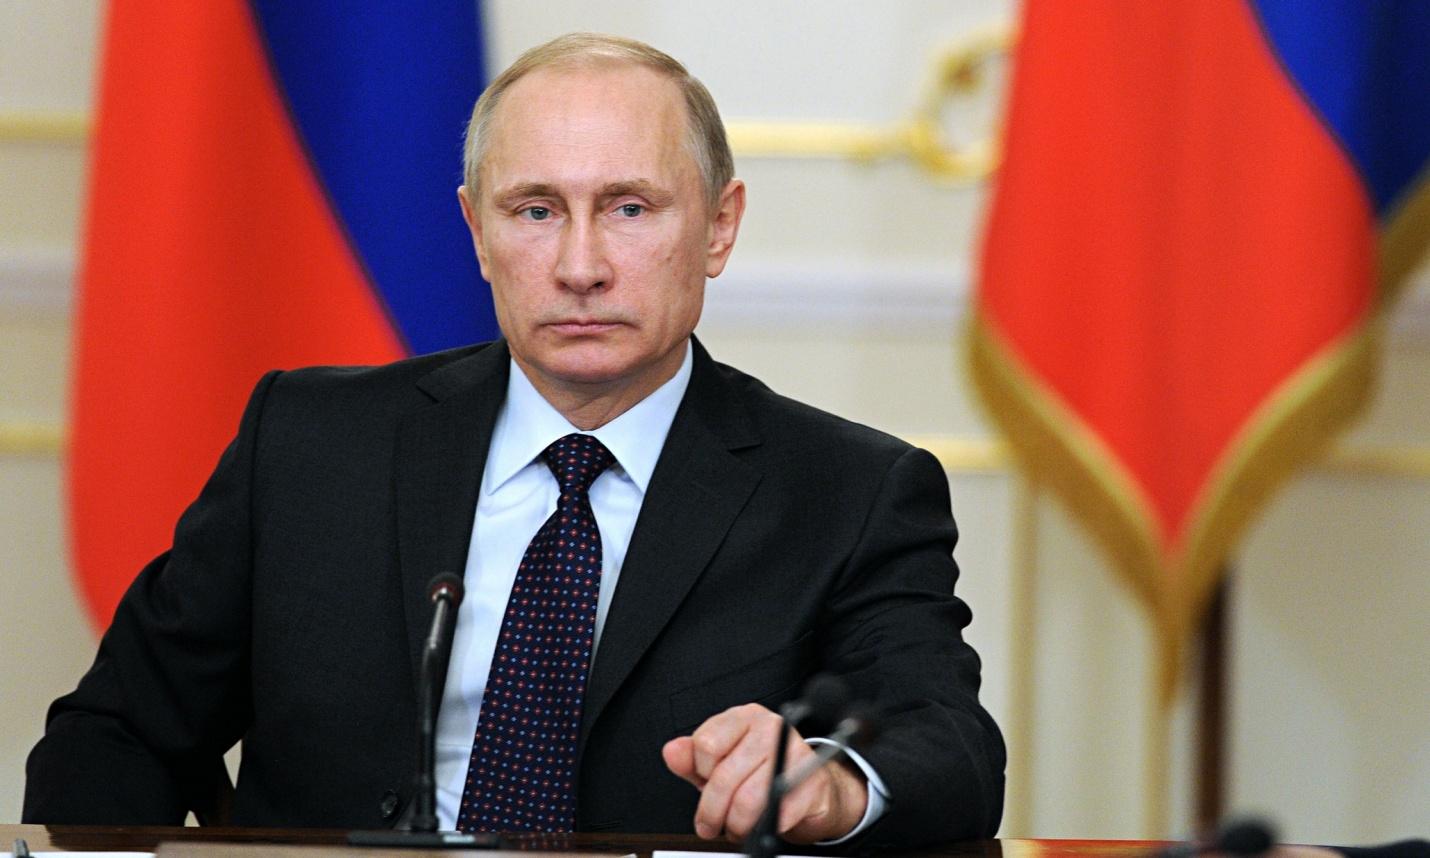 Итоги визита Путина в Словению - теперь санкции